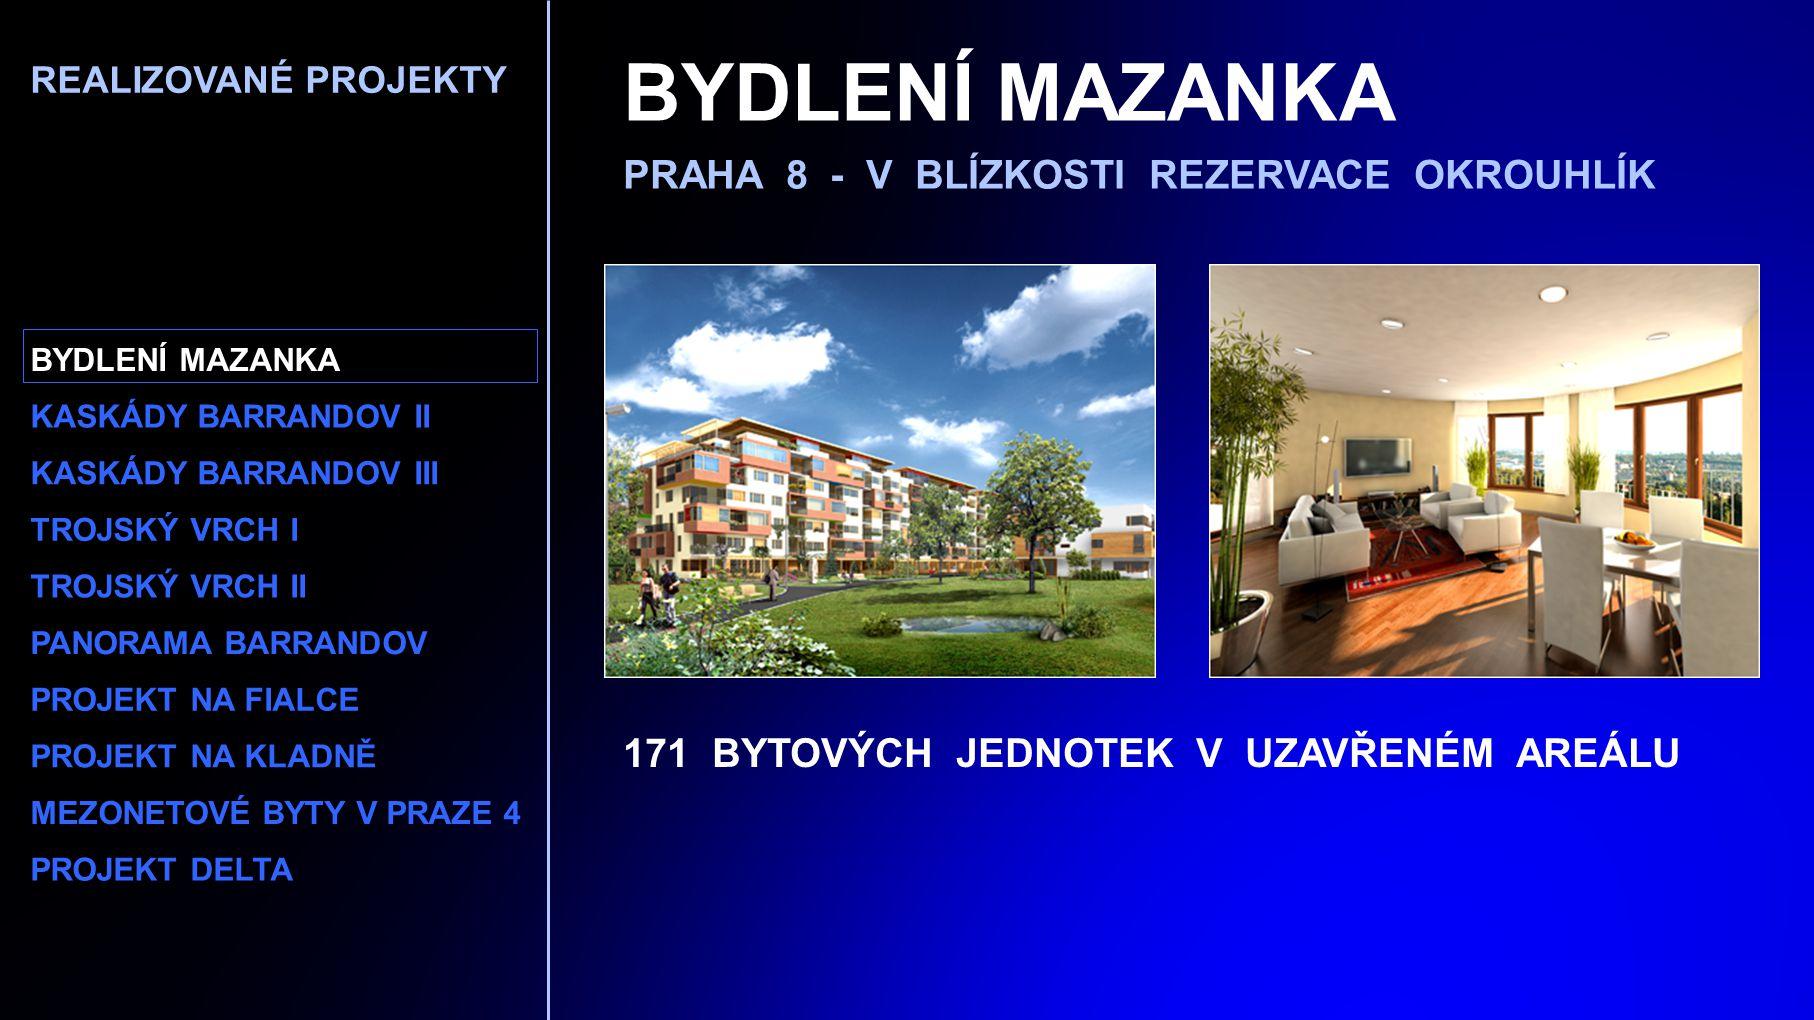 BYDLENÍ MAZANKA PRAHA 8 - V BLÍZKOSTI REZERVACE OKROUHLÍK